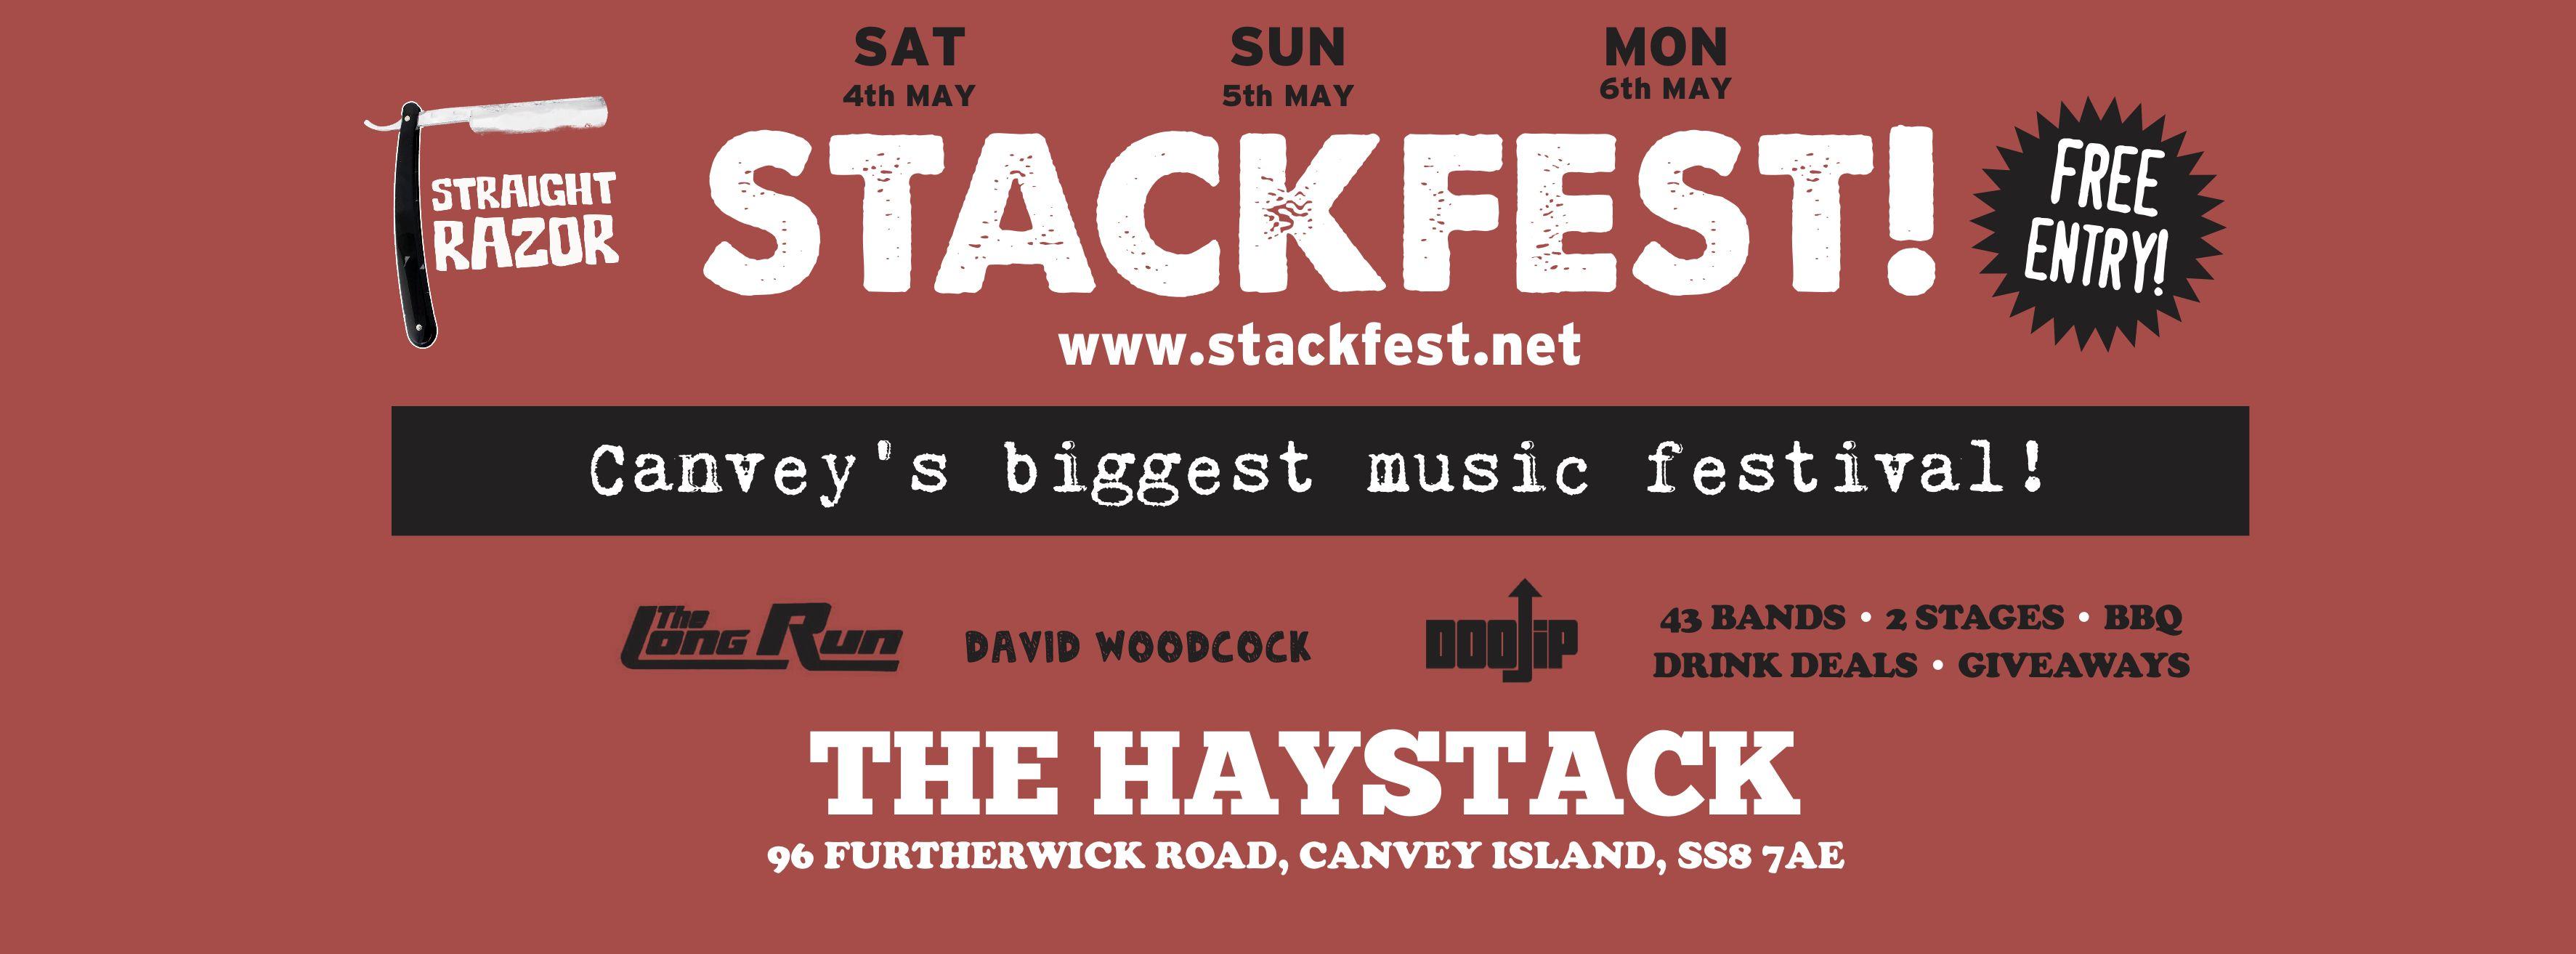 Stackfest-banner-1-1